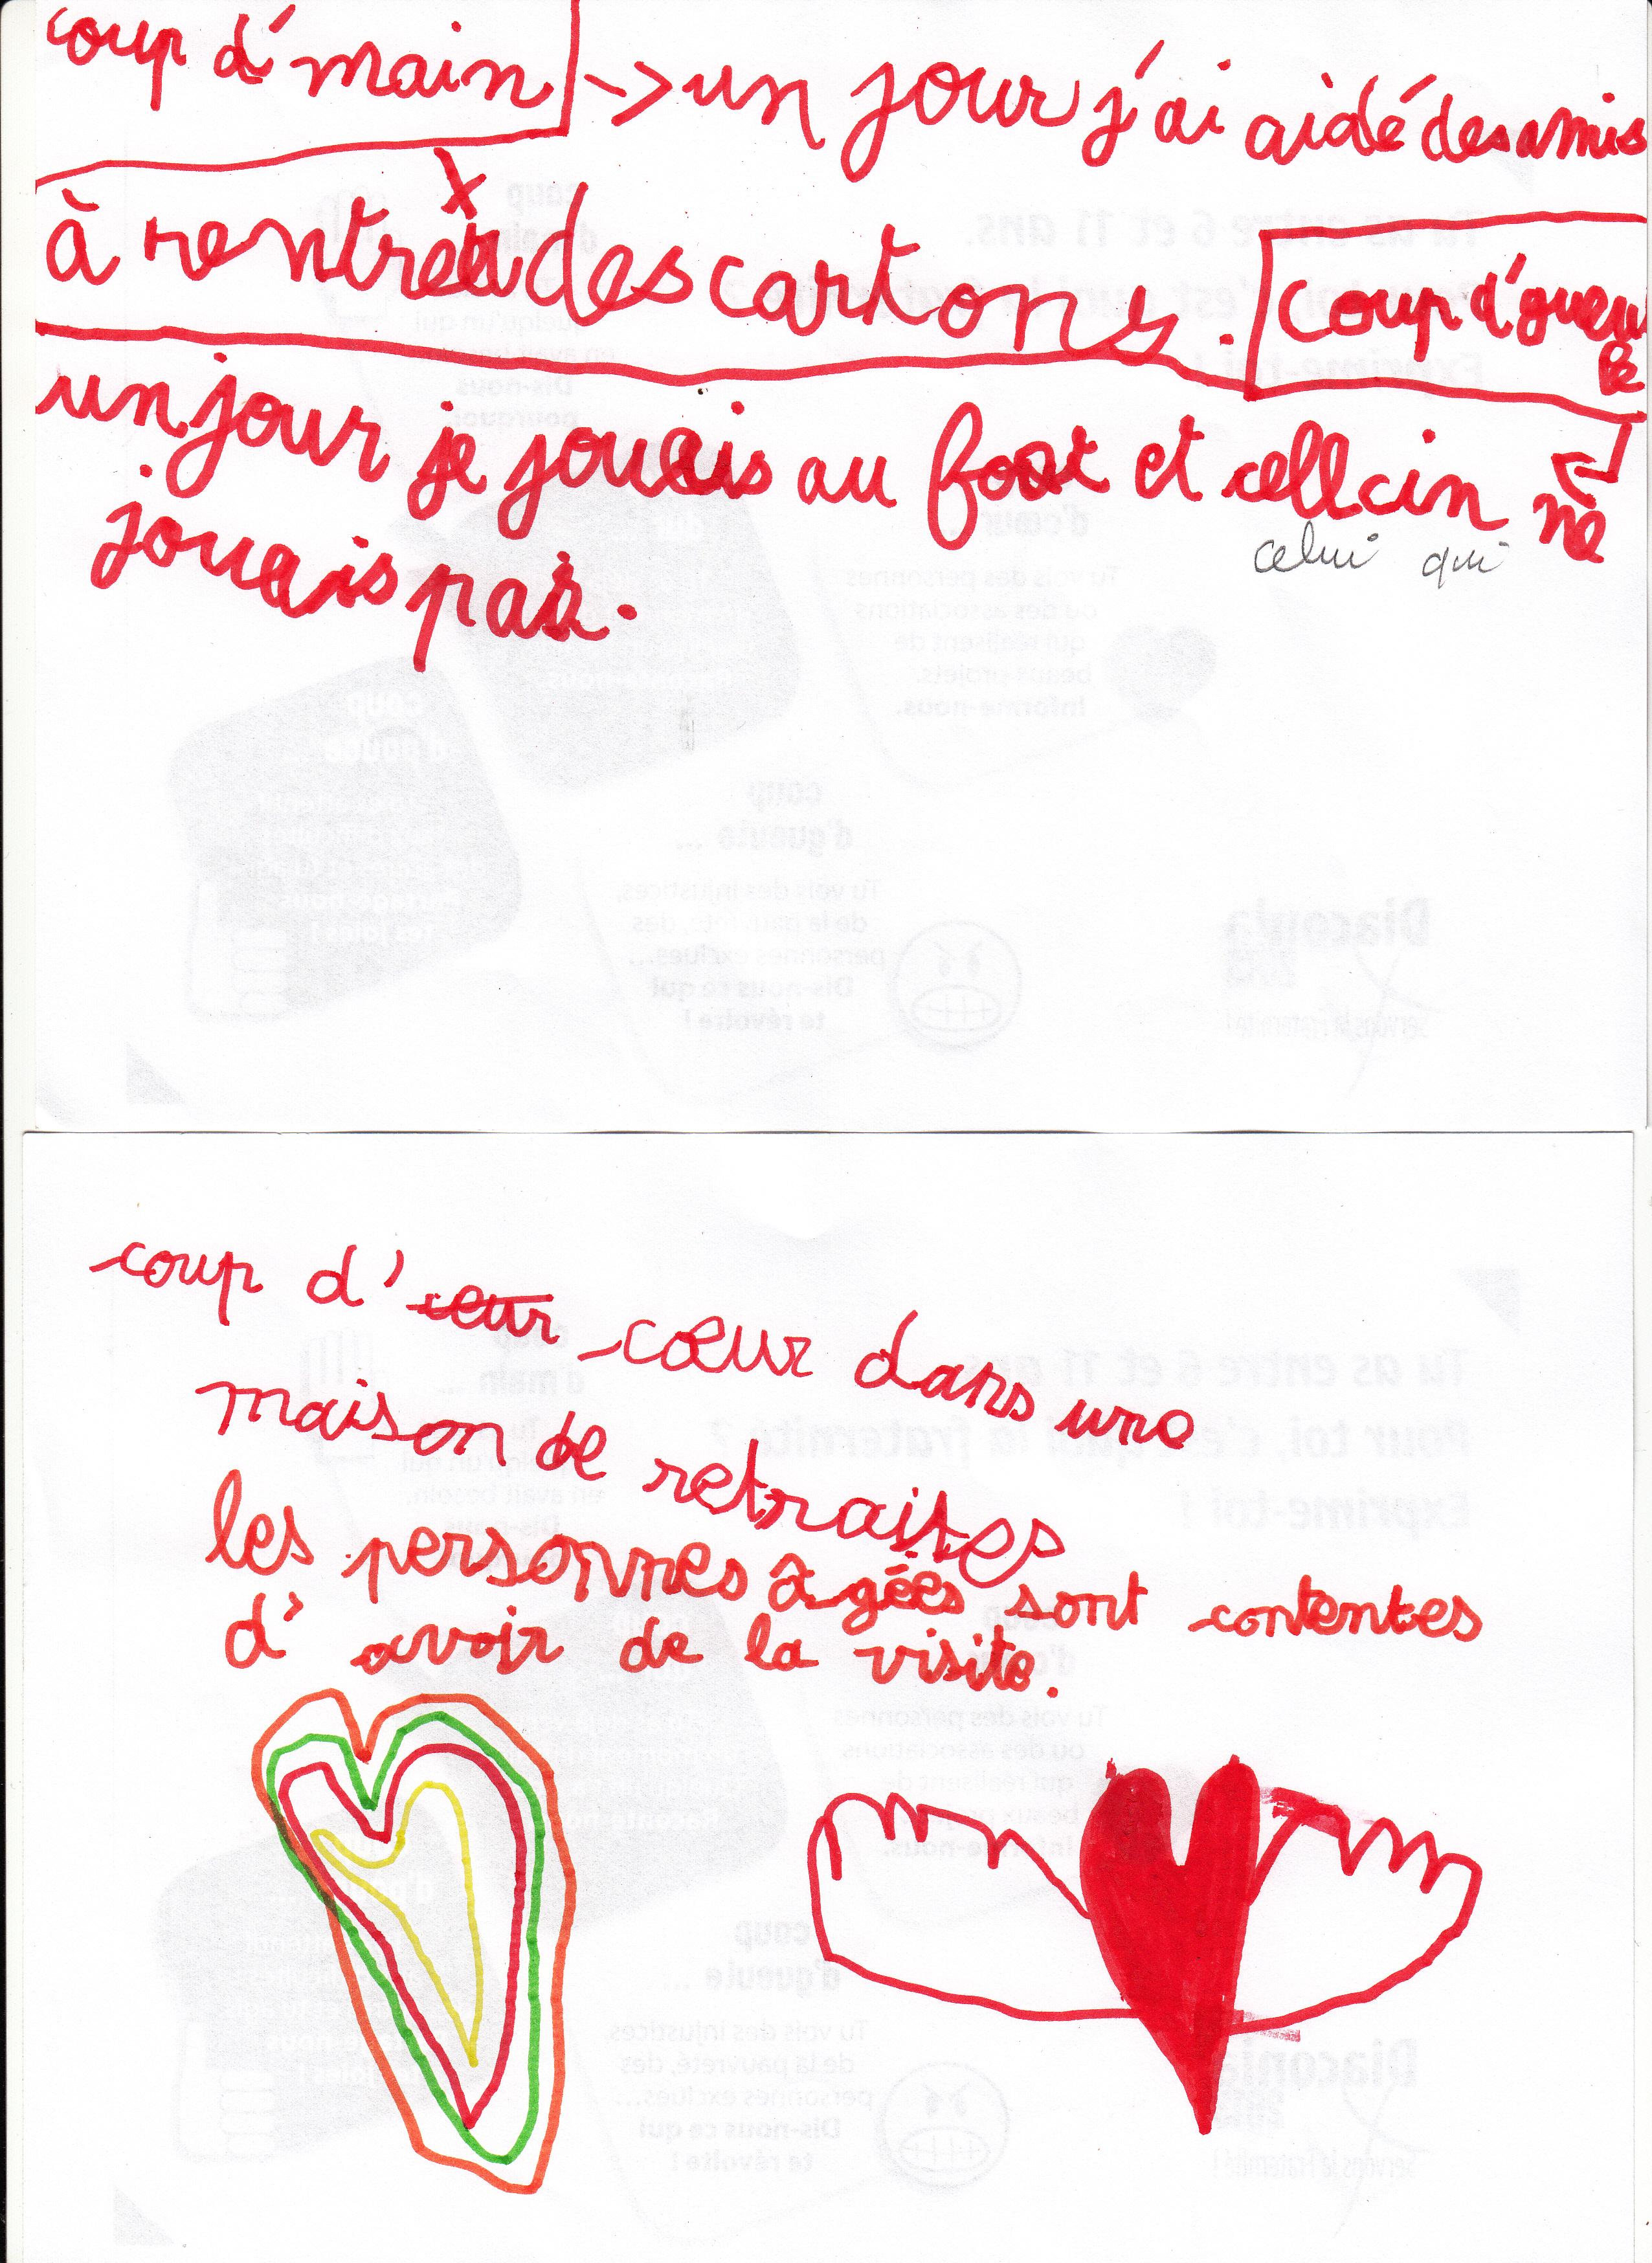 coups_de_diaconia_0006